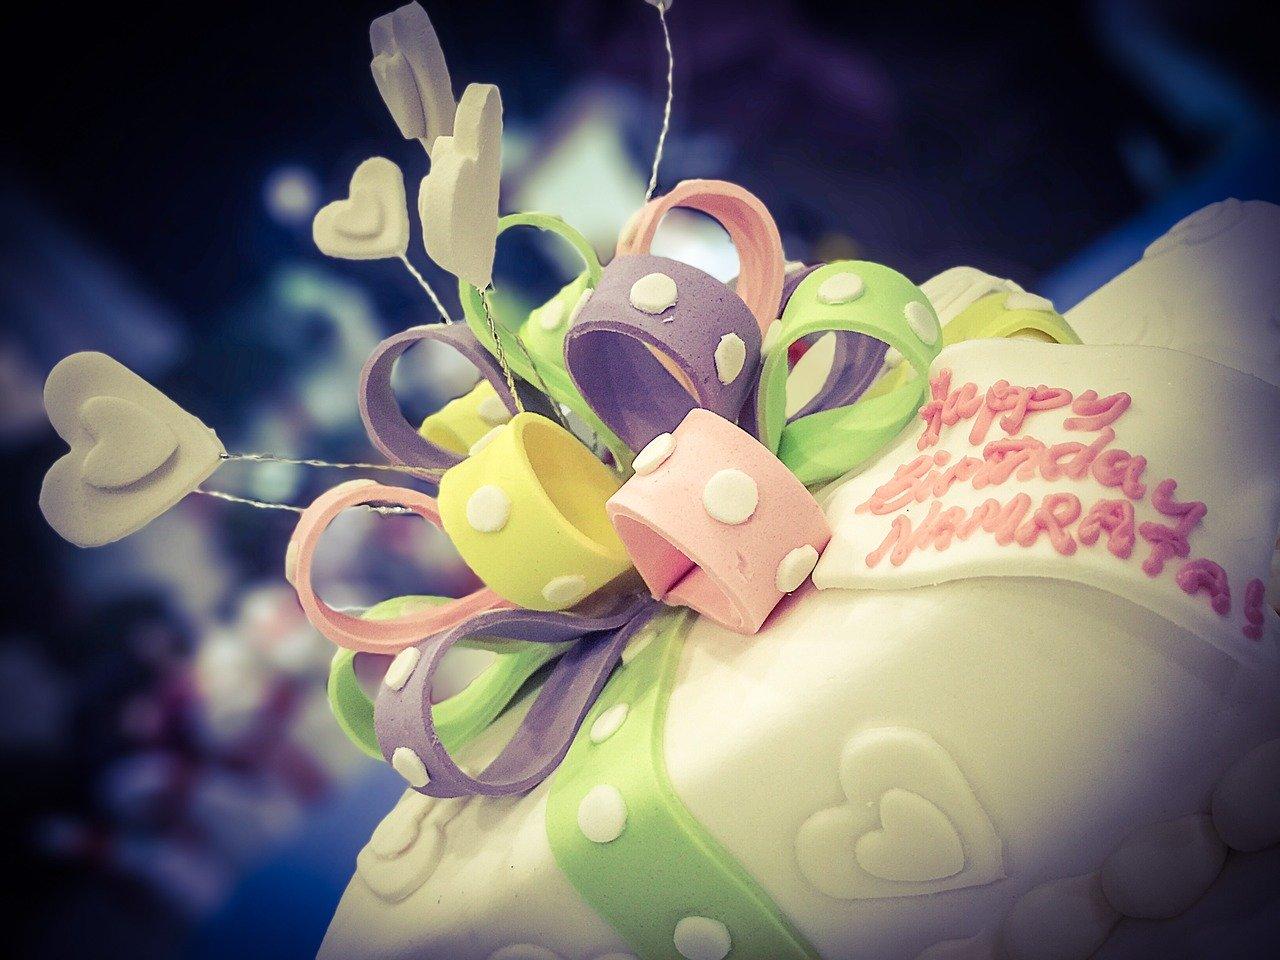 3月12日の誕生石・誕生花・星座・運勢・相性は?【365日誕生日占い】